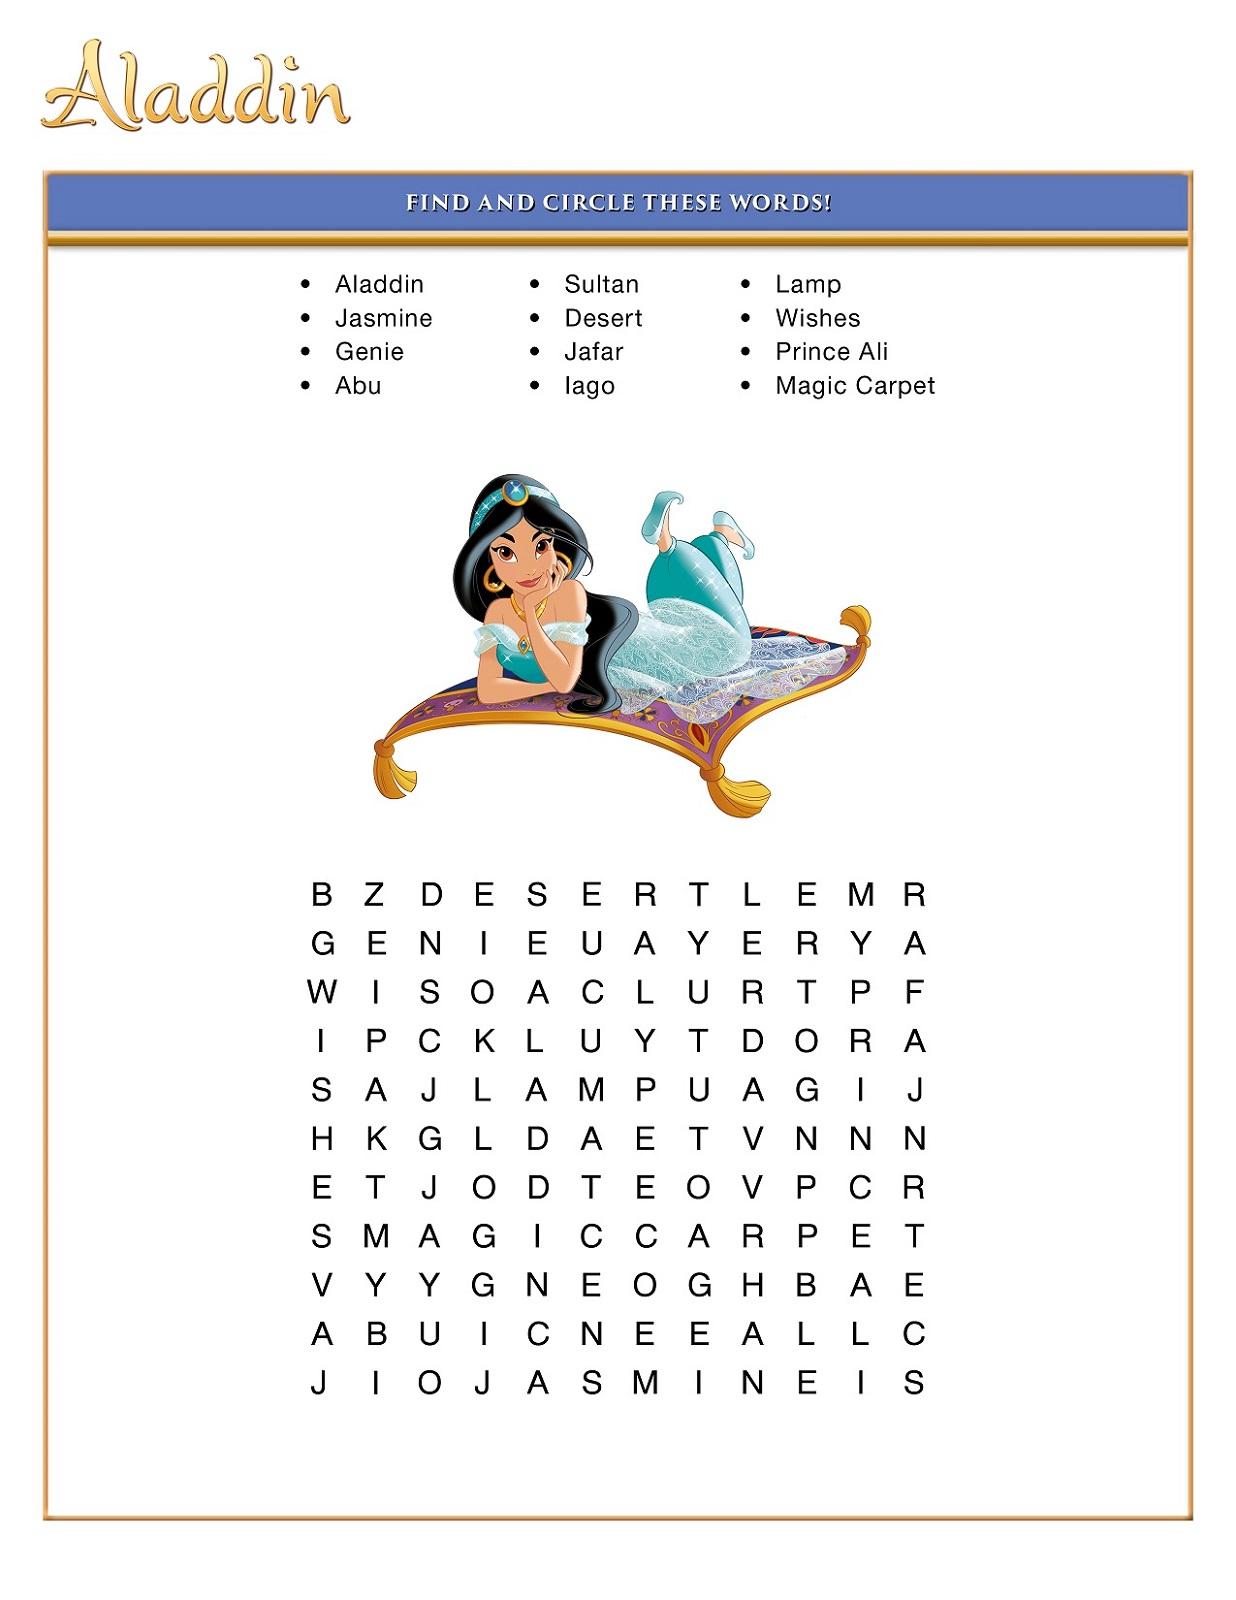 disney-word-searches-alladin